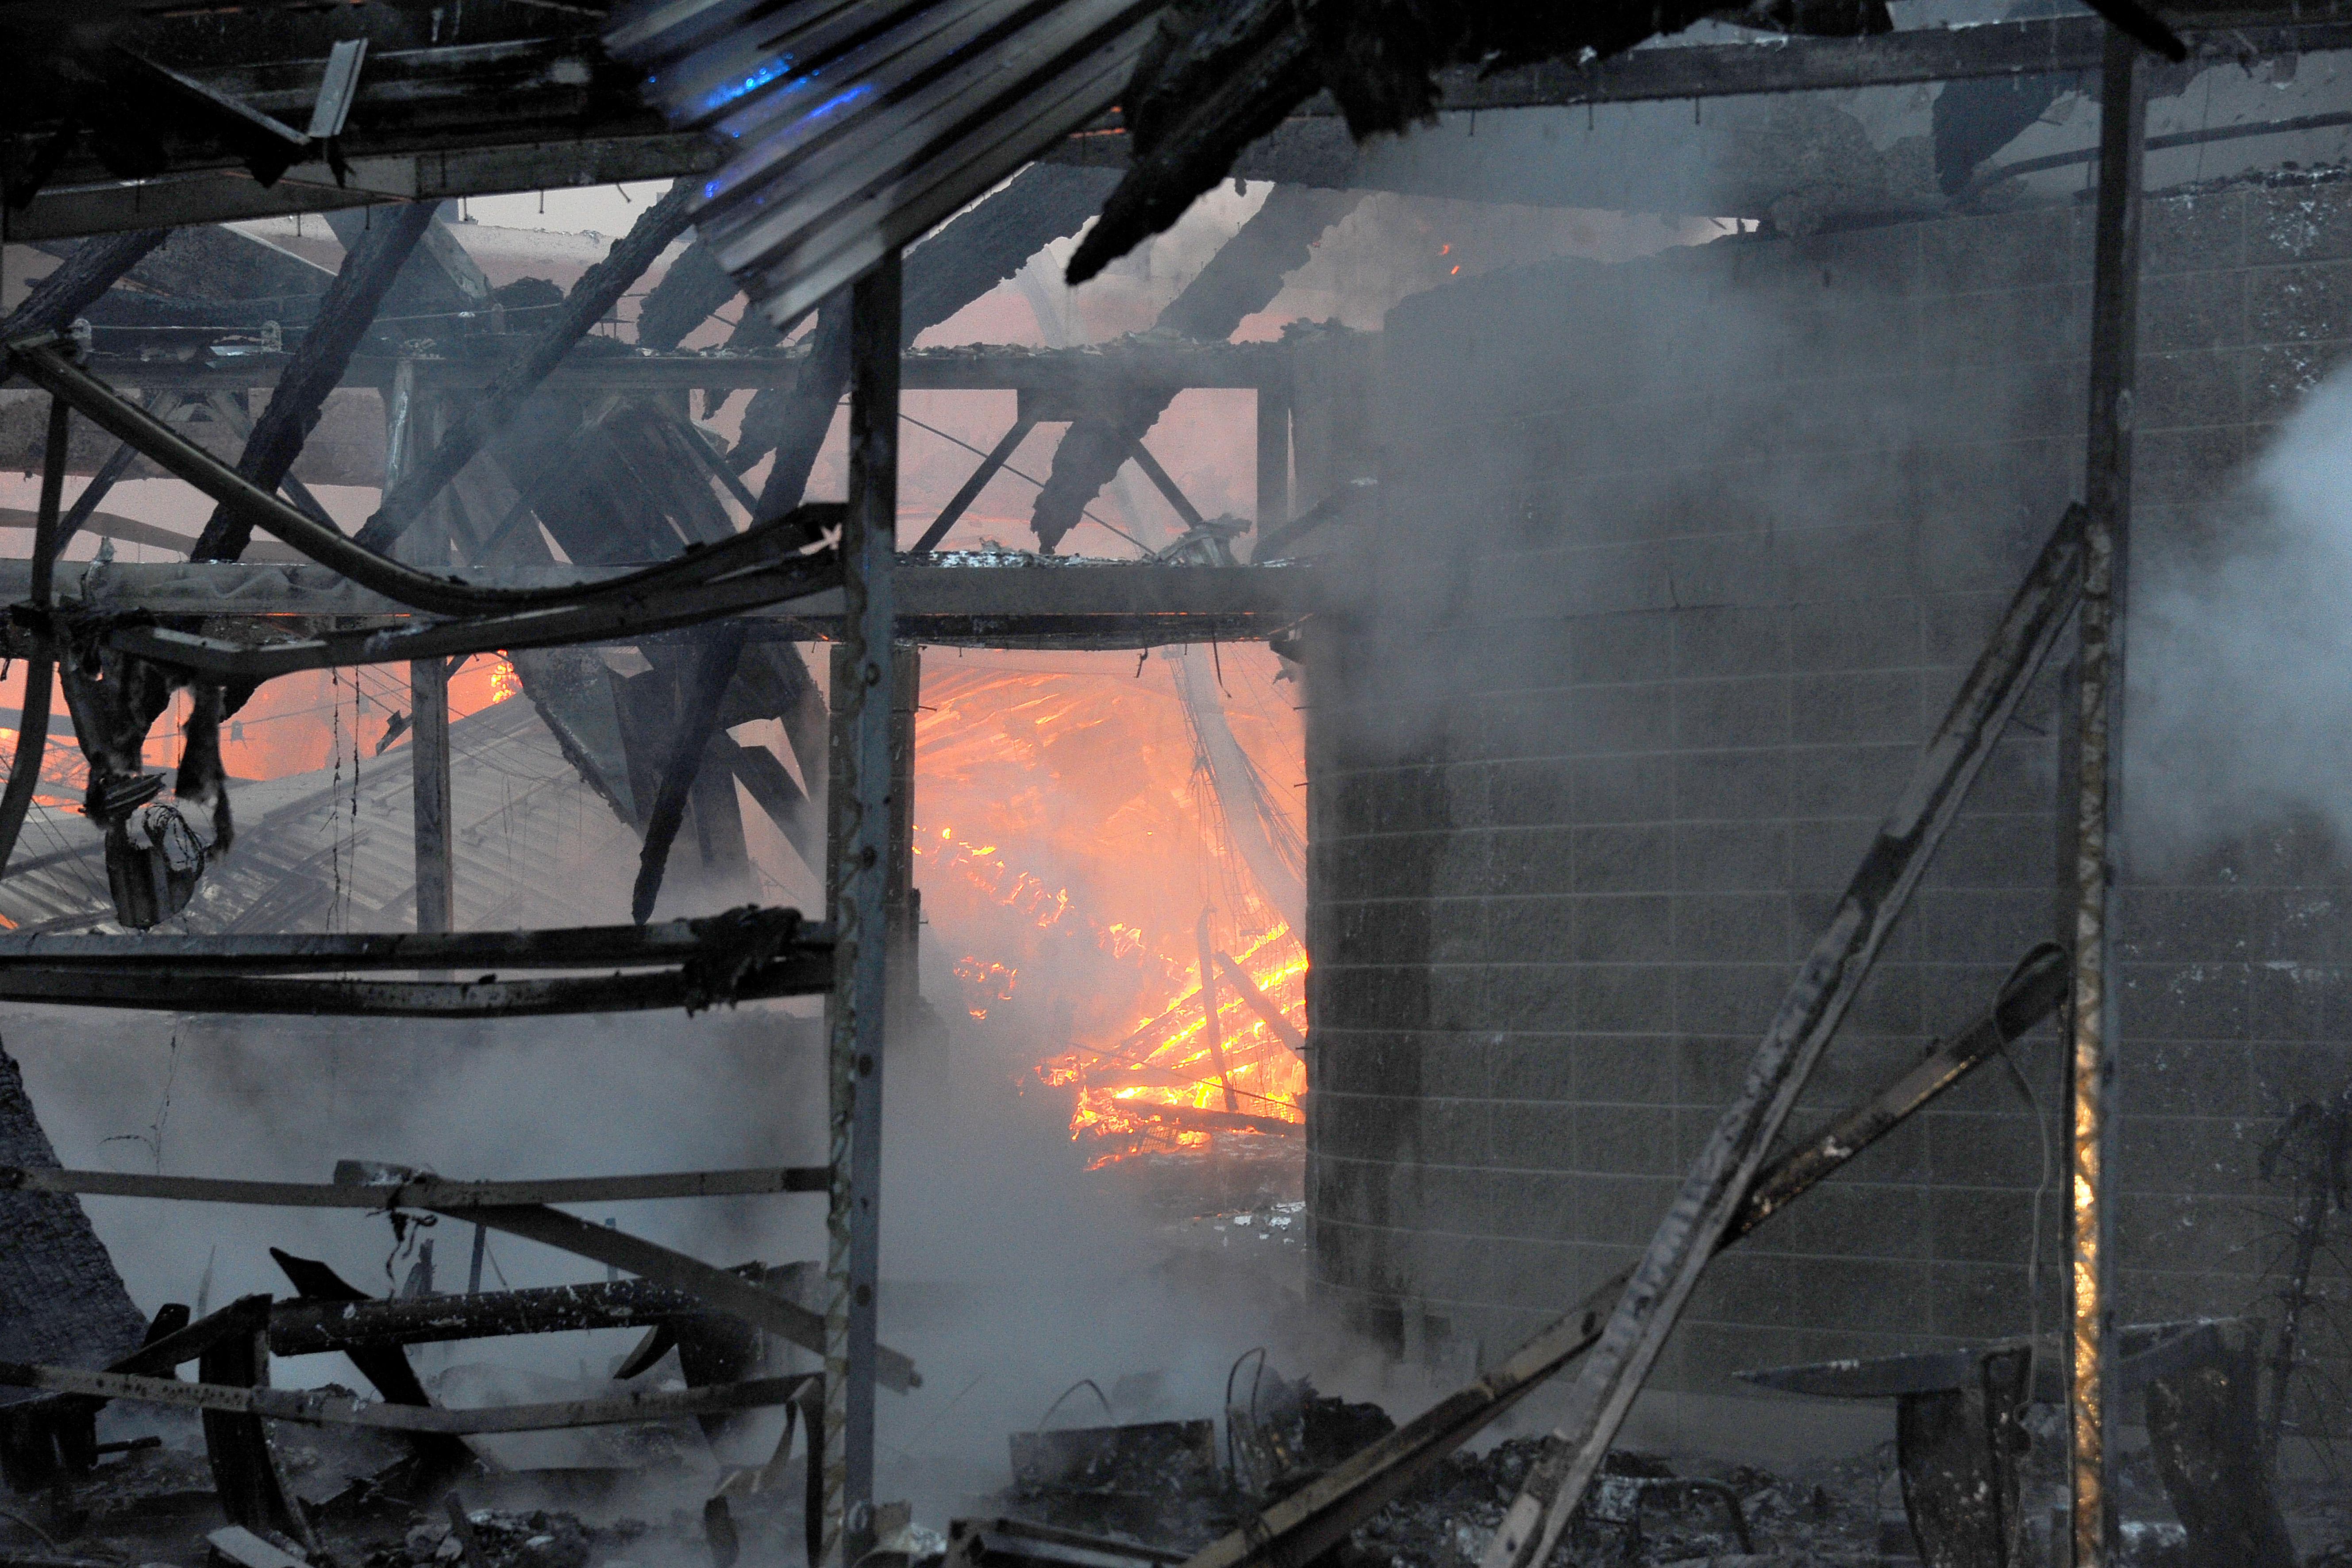 incendio-laboratorio-tagliafuoco2